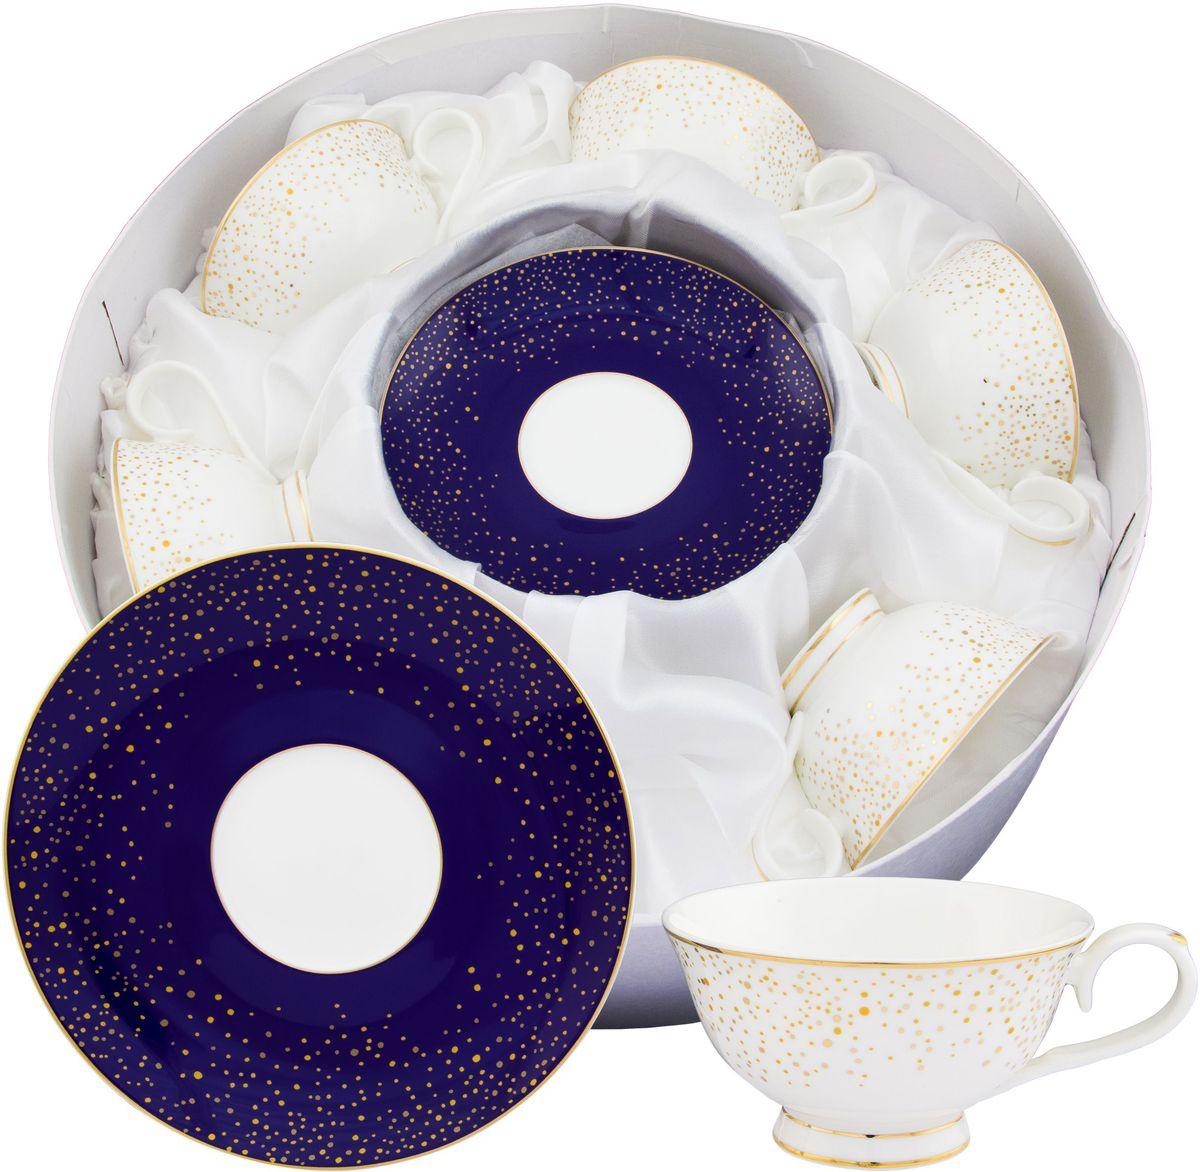 Чайный набор Elan Gallery День и ночь, 220 мл, 12 предметовVT-1520(SR)Чайный набор нежных тонах на 6 персон украсит Ваше чаепитие. В комплекте 6 чашек на ножке объемом 220 мл, 6 блюдец. Изделие имеет подарочную упаковку, поэтому станет желанным подарком для Ваших близких! Не рекомендуется применять абразивные моющие средства. Не использовать в микроволновой печи.